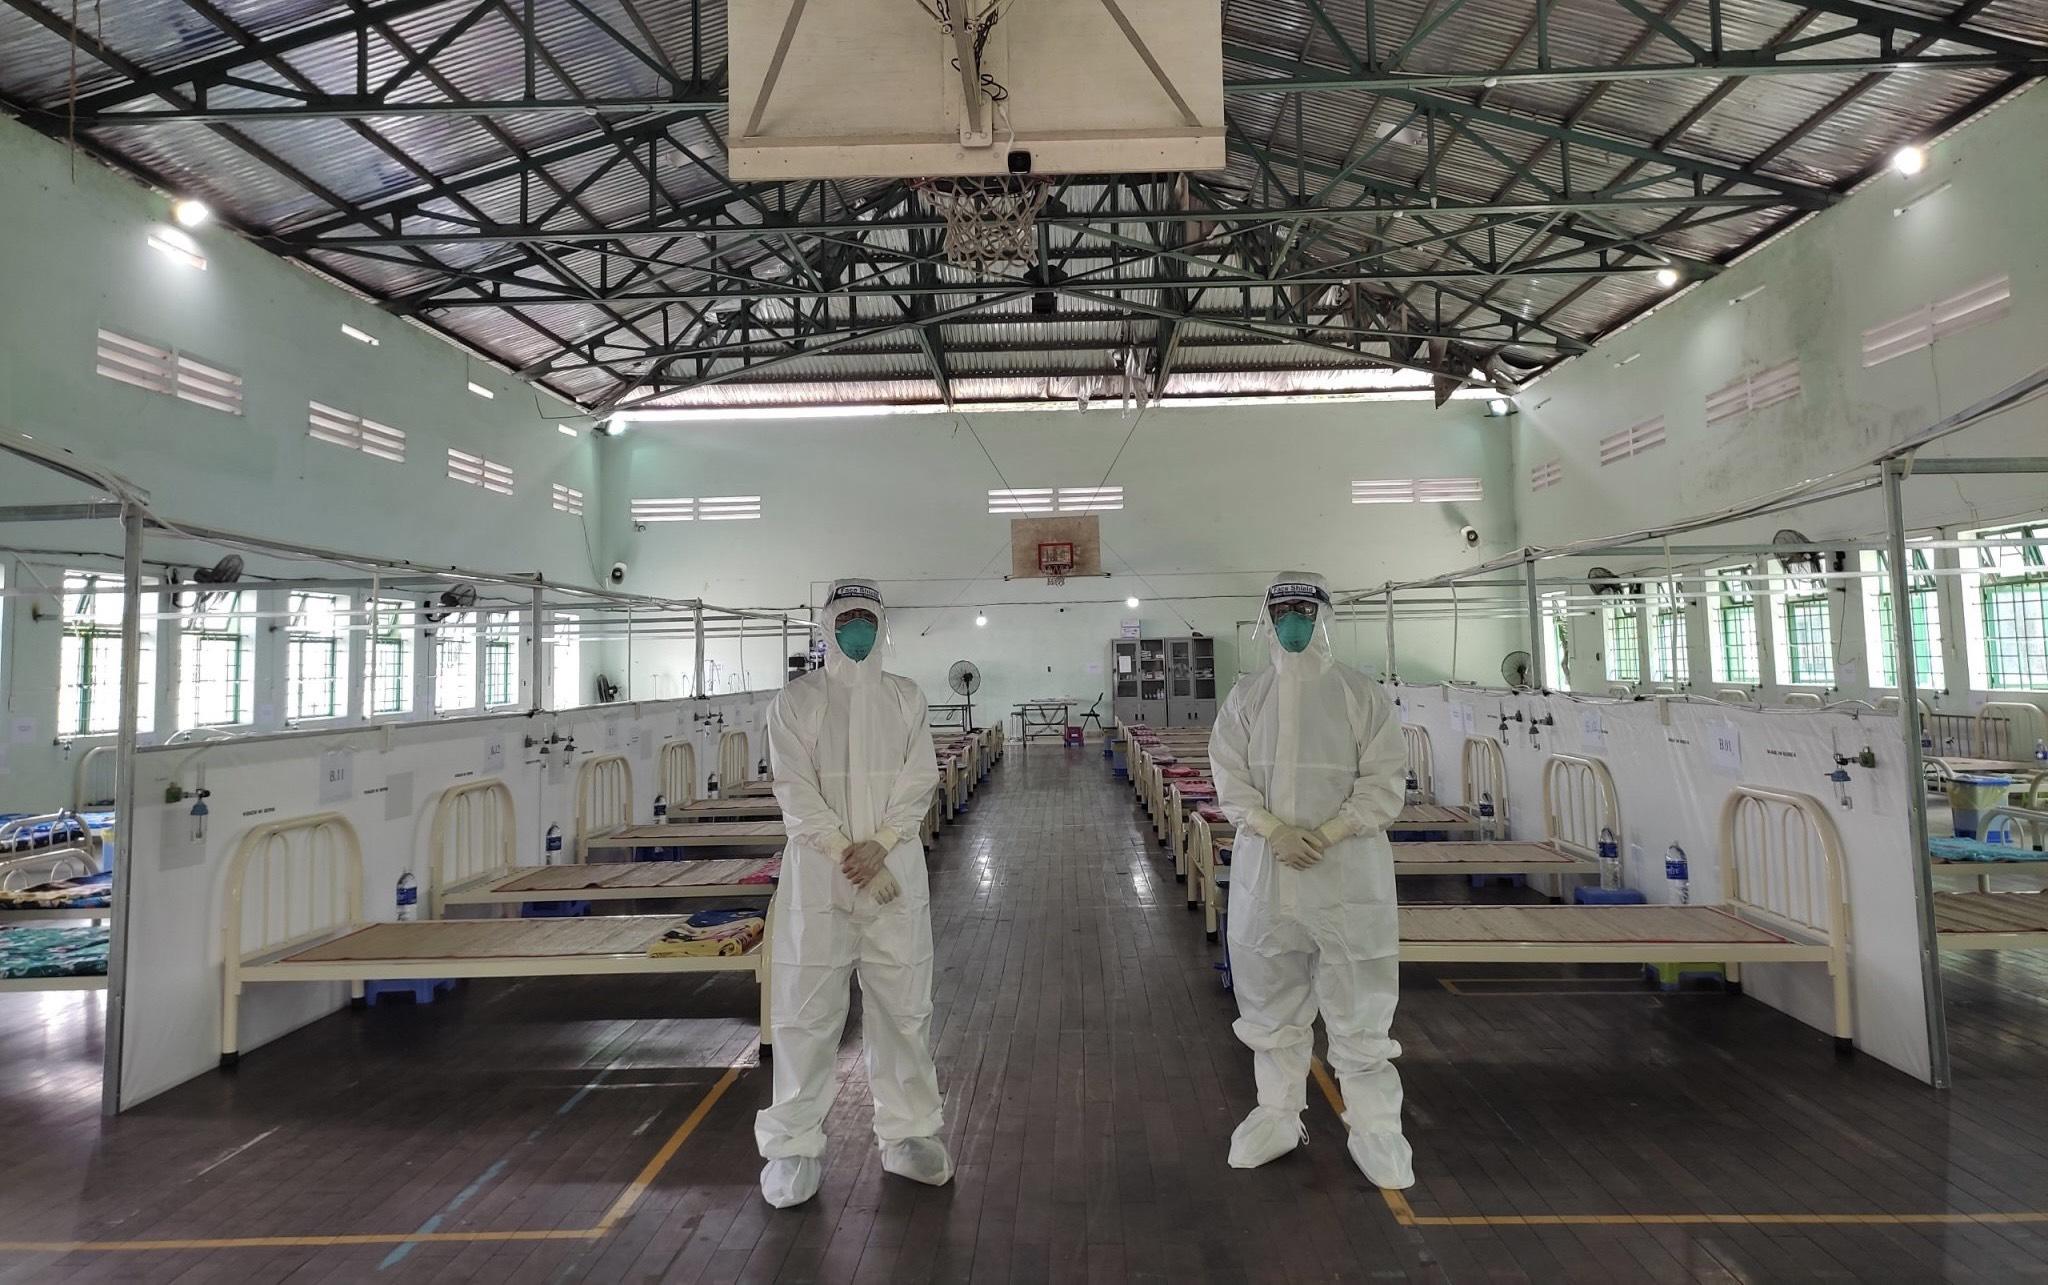 Đoàn tình nguyện số 4 Trường Đại học Y - Dược Huế chăm sóc sức khỏe F0 tại cộng đồng Quận Bình Tân, TP. Hồ Chí Minh